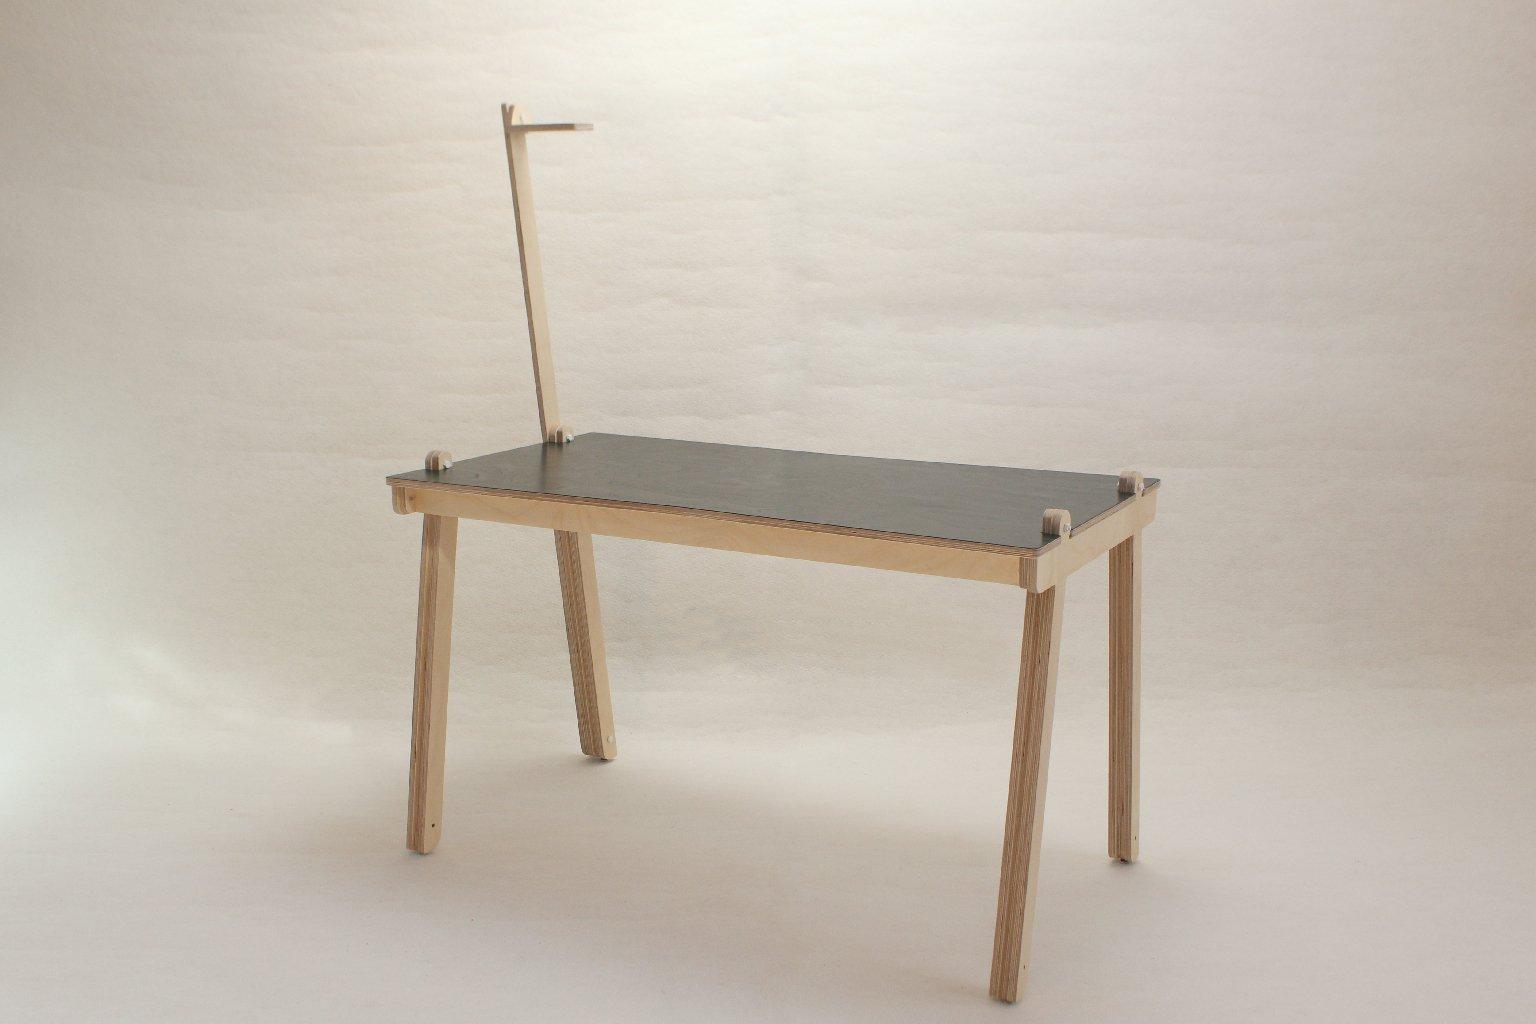 atelier minassian b niste et designer de mobilier site officiel. Black Bedroom Furniture Sets. Home Design Ideas